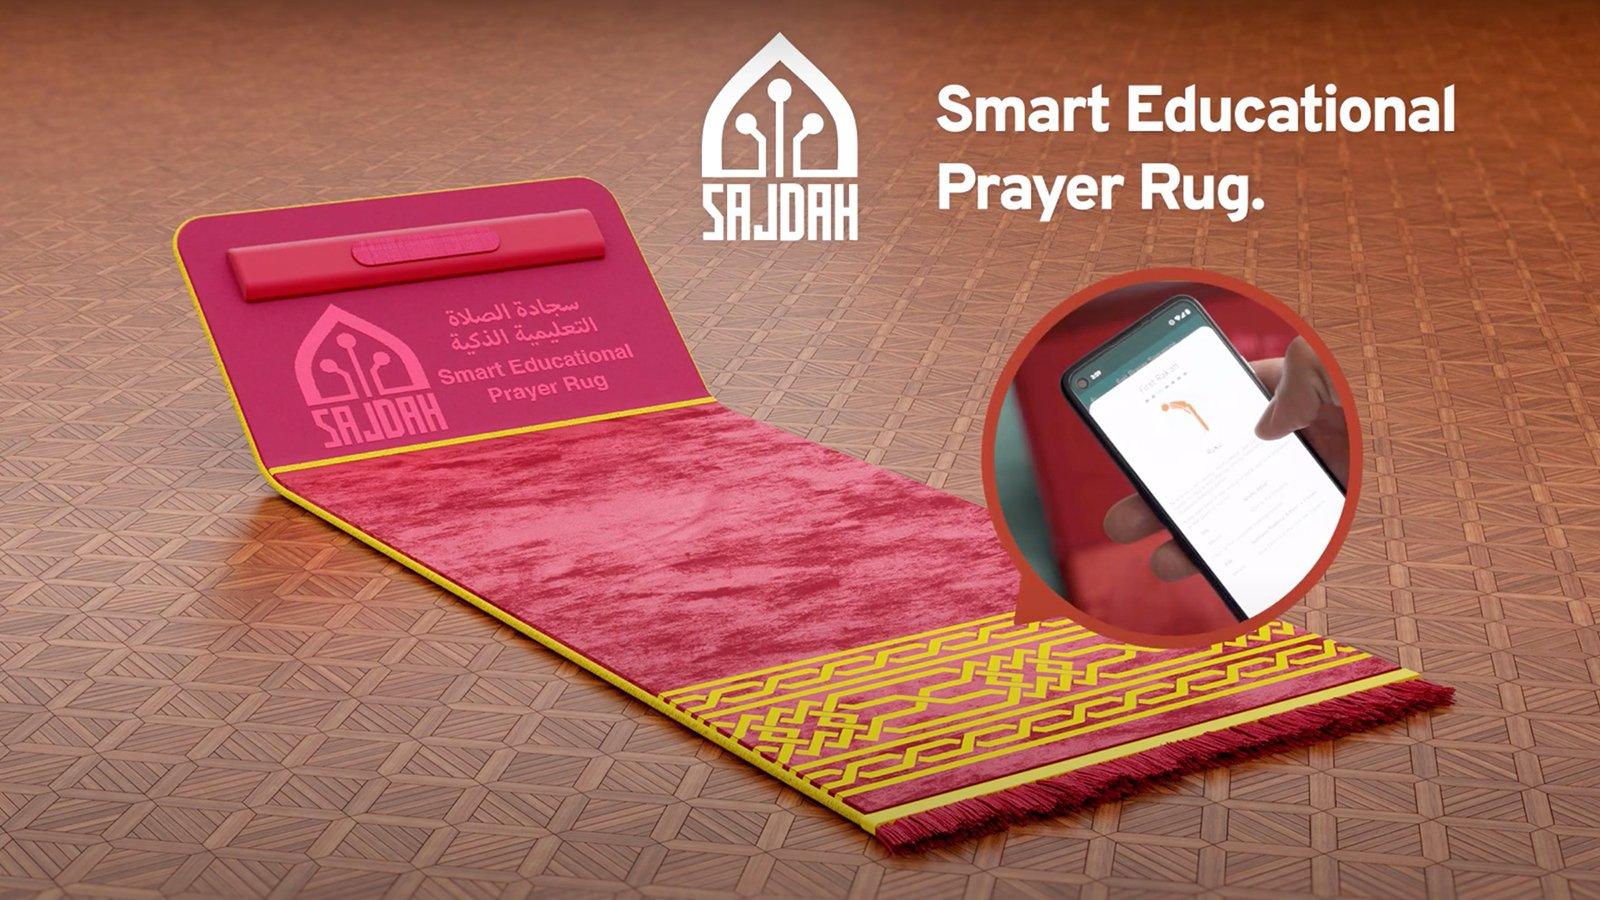 Новый электронный молитвенный коврик предлагает мусульманам цифровую поддержку для молитвы